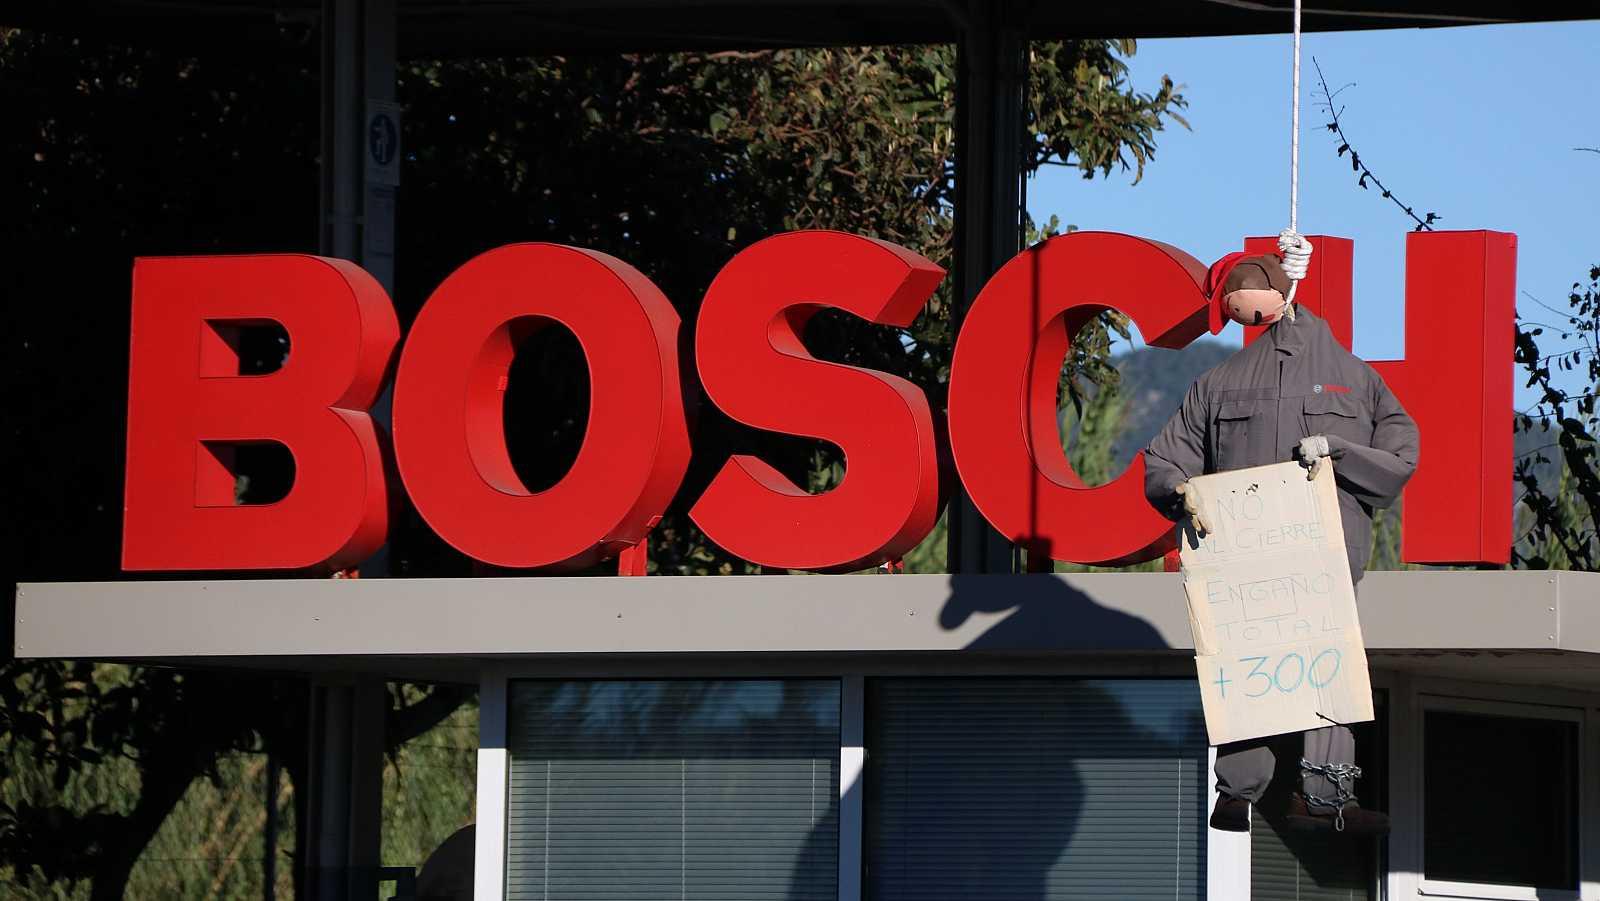 Bosch tanca en Lliçà, amb 336 empleats, i trasllada a Polònia la producció